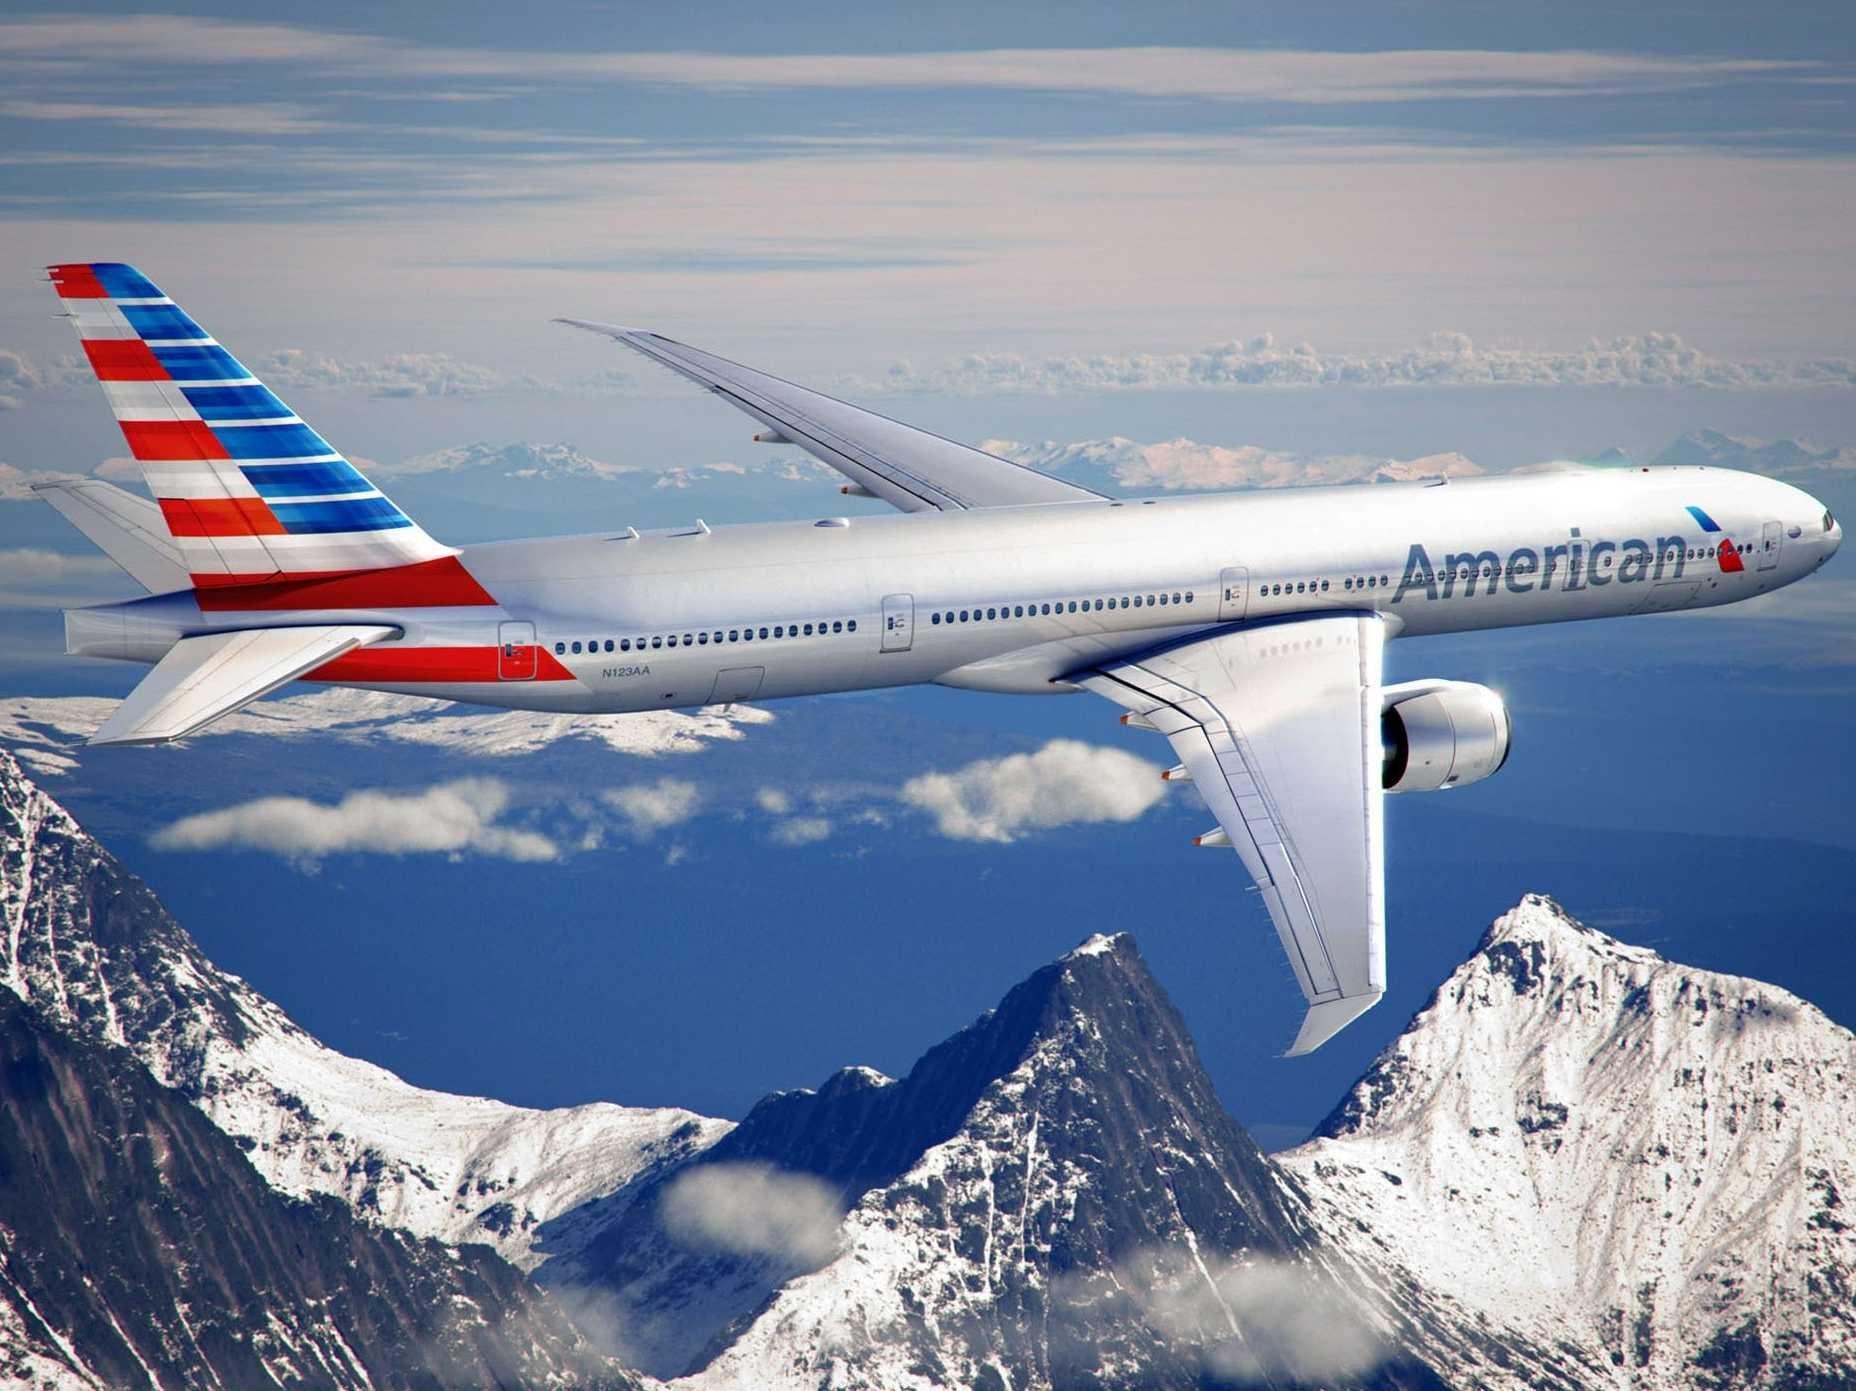 Đặt vé máy bay đi du lịch Mỹ cần bao nhiêu tiền?